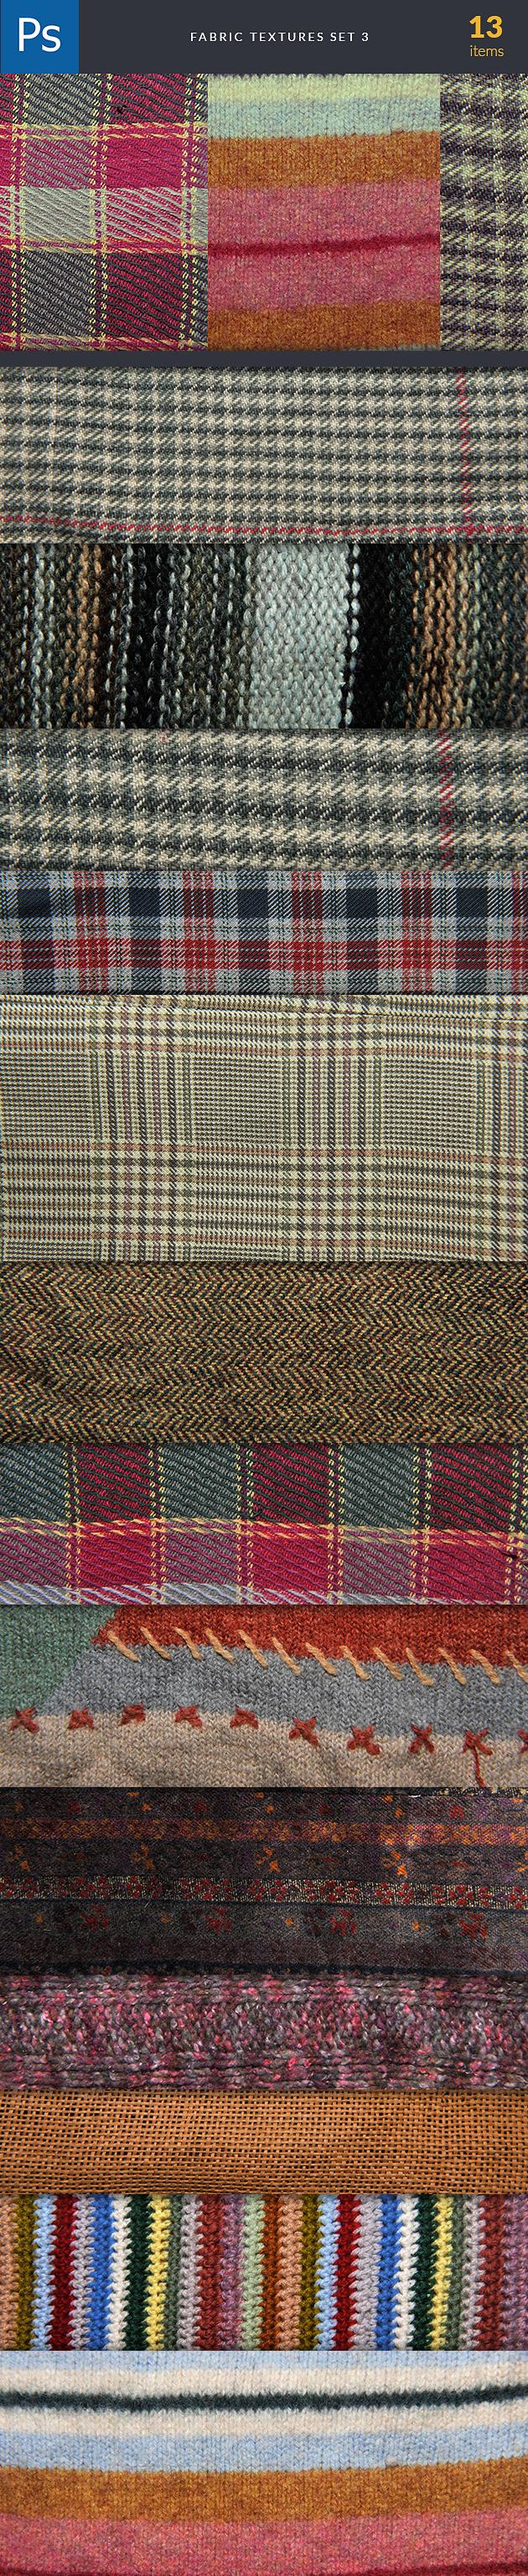 designtnt-textures-fabric-set-3-preview-large